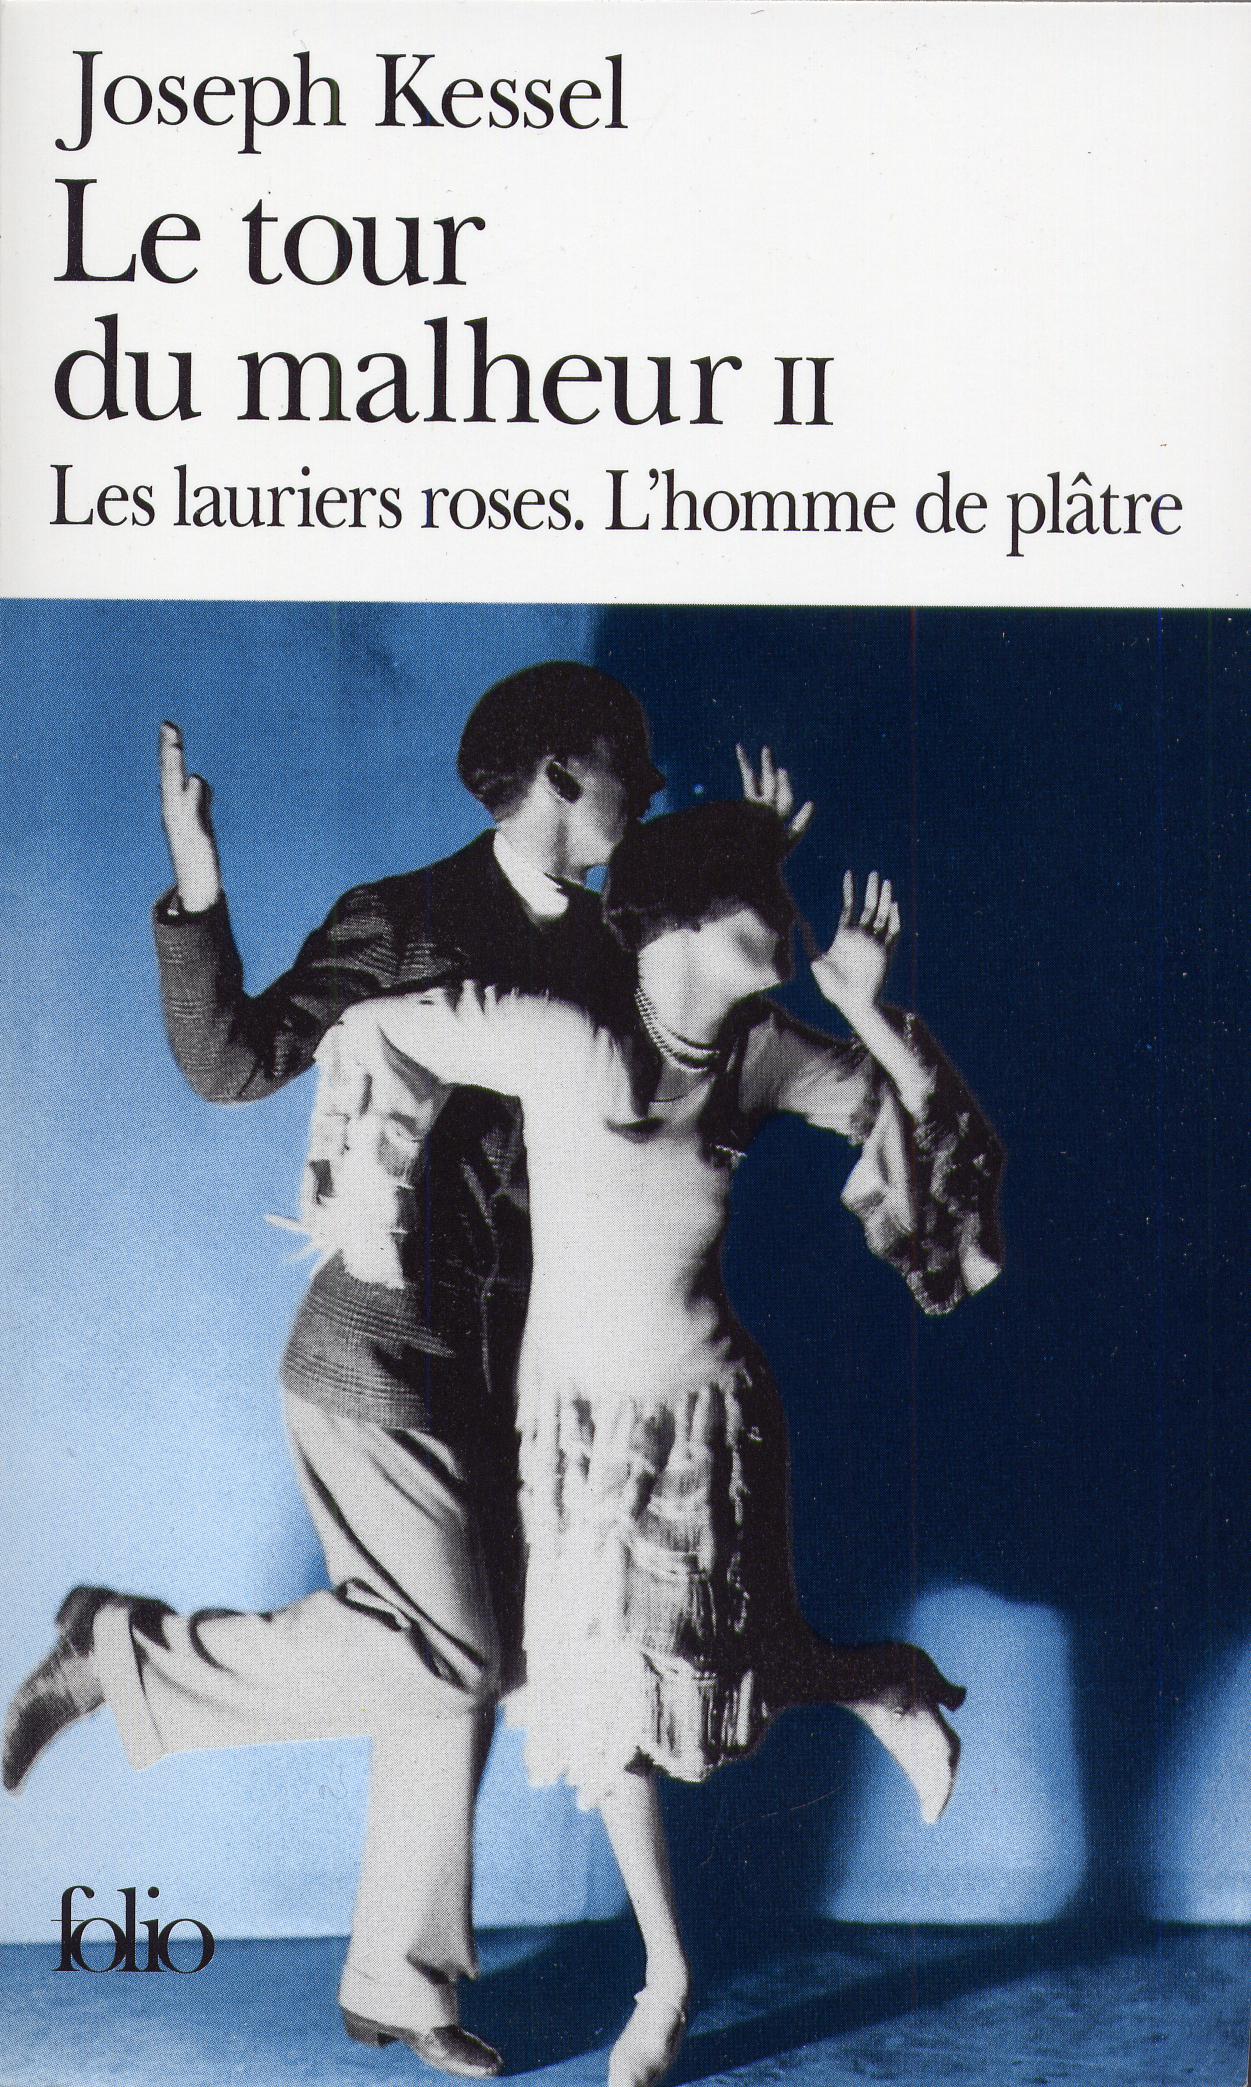 Le tour du malheur (Tome 2) - Les lauriers roses. L'homme de plâtre